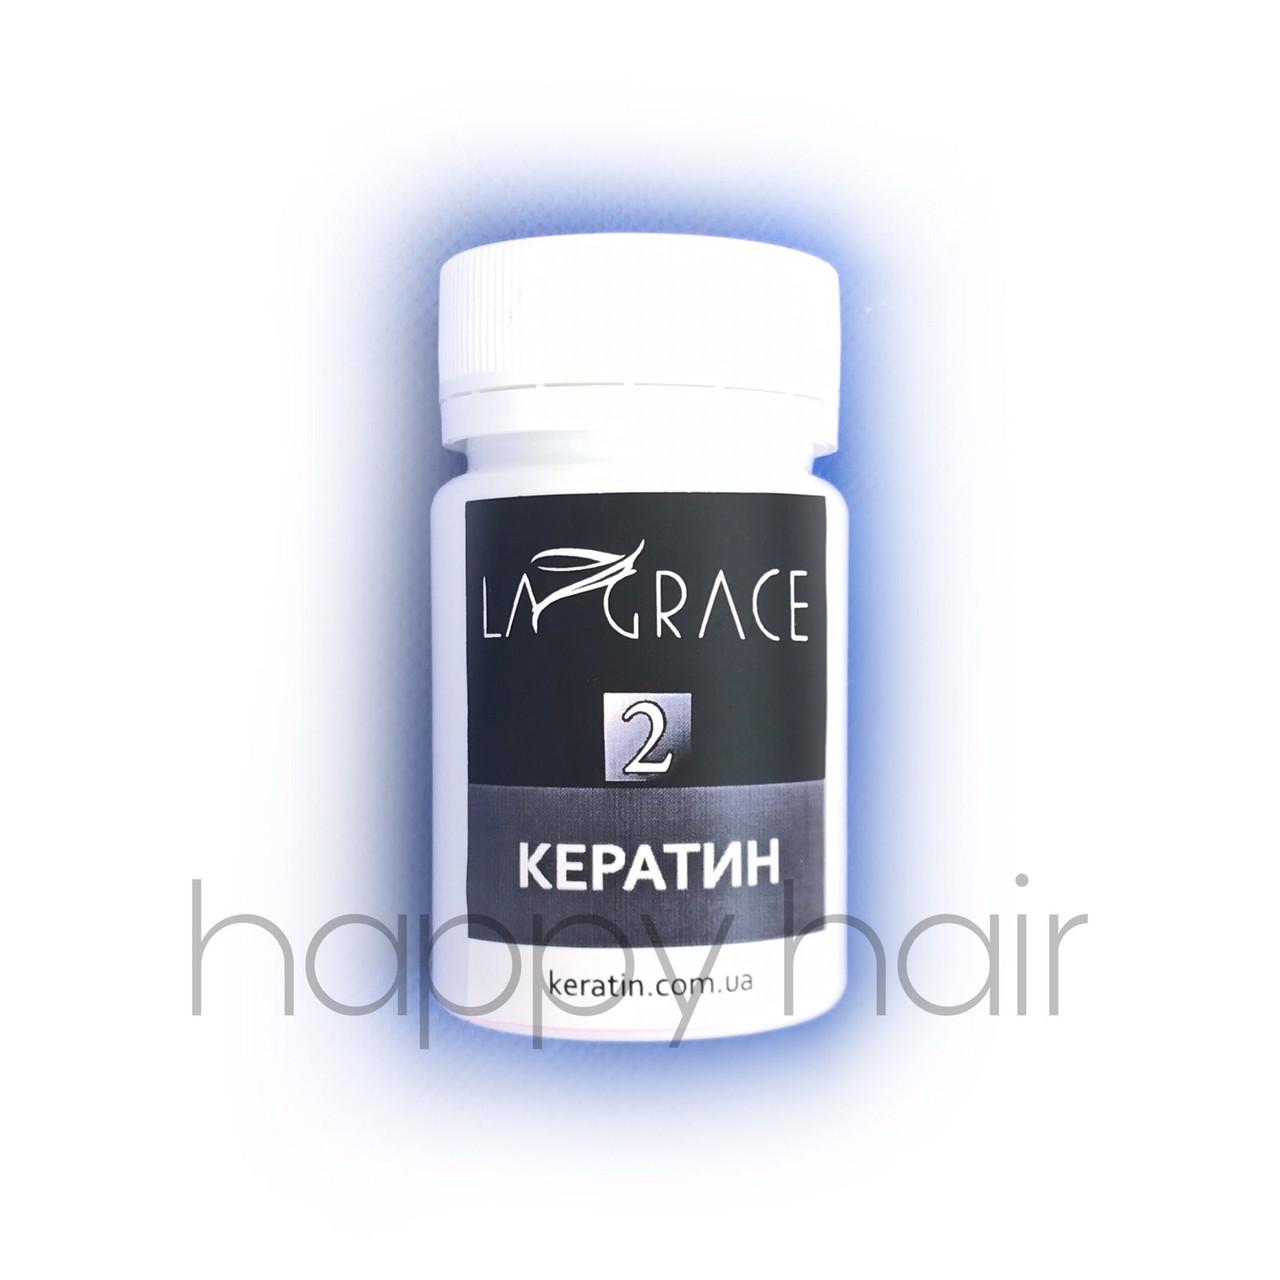 Кератин для волос LaGrace (шаг 2) 50 г